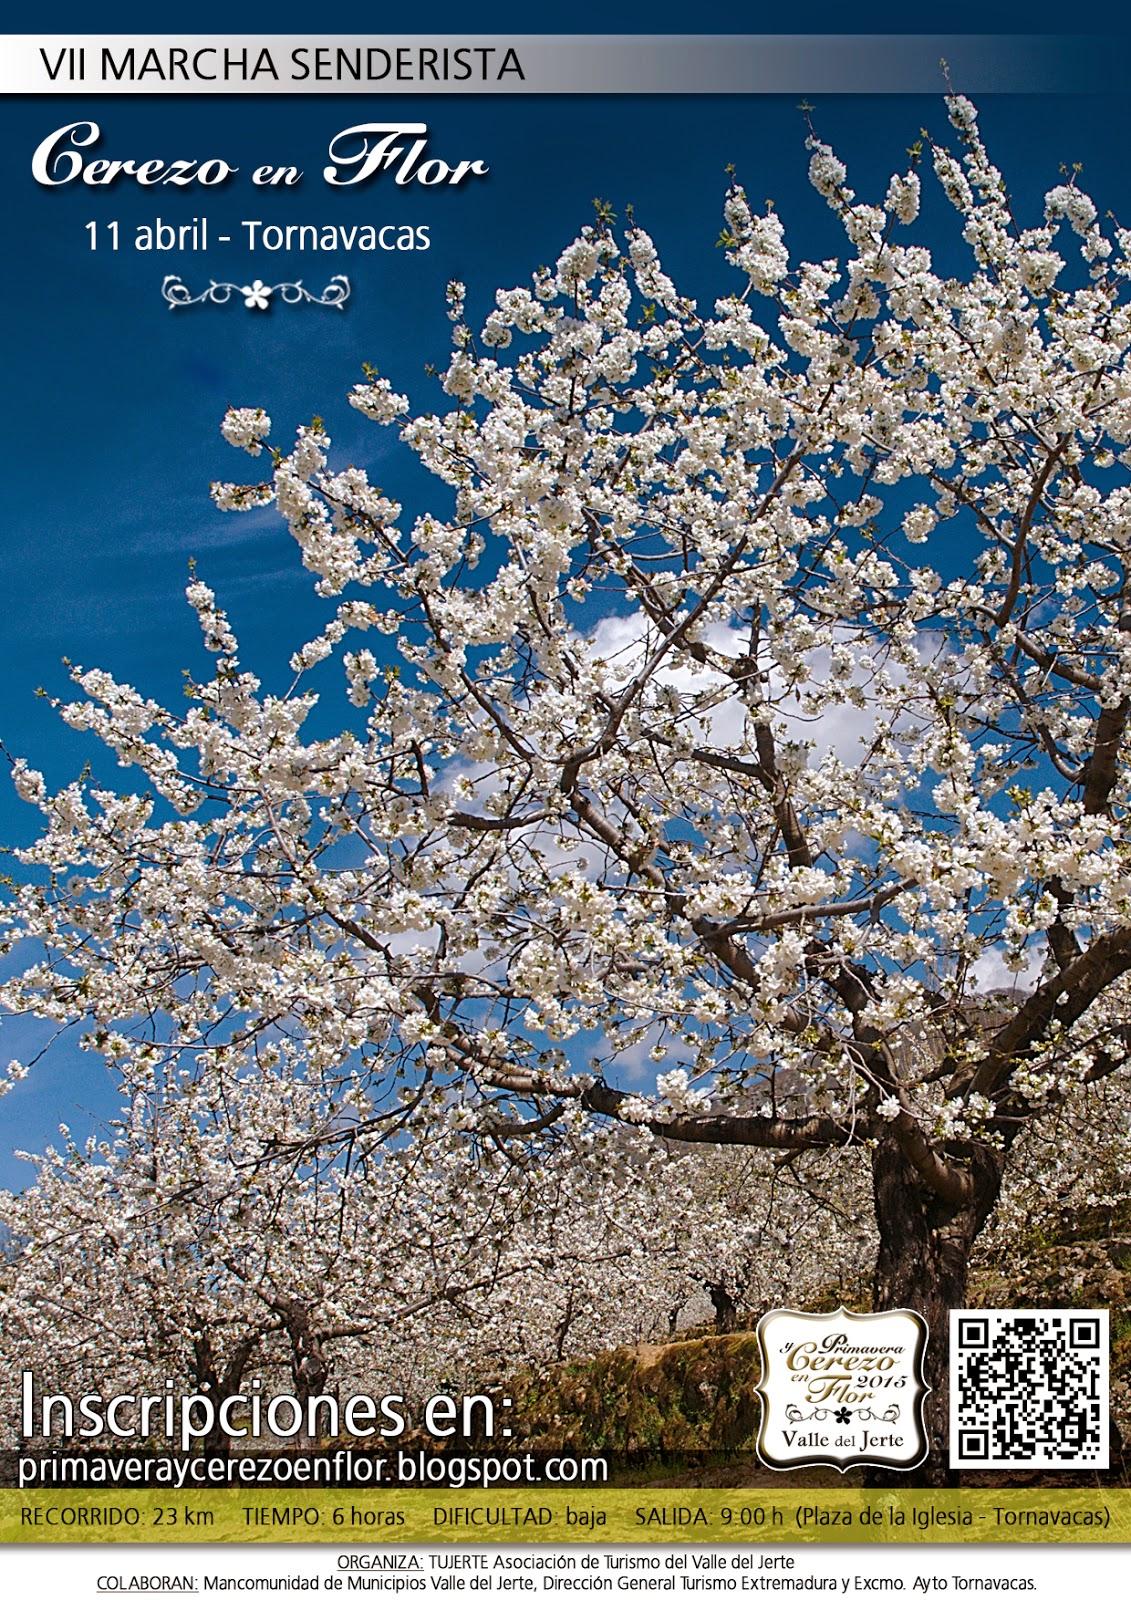 VII Marcha Senderista del Cerezo en Flor